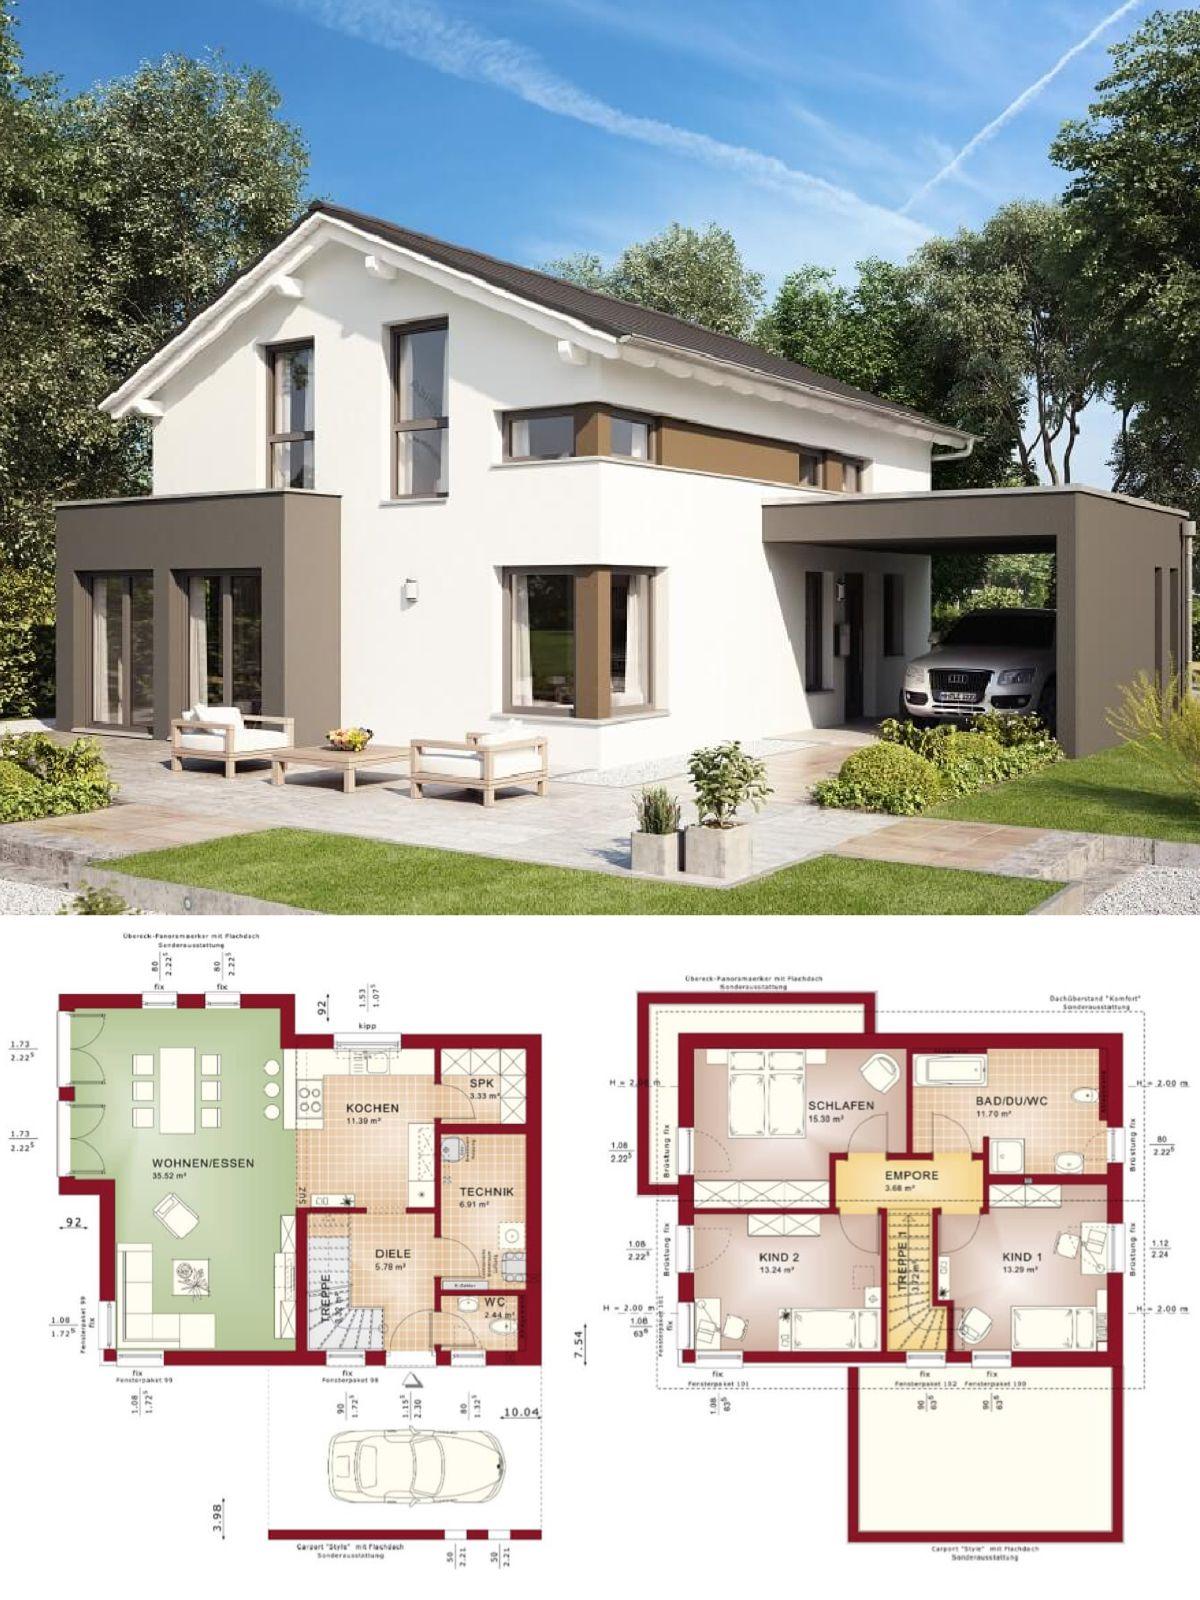 Modernes Design Haus Mit Satteldach Architektur Erker Anbau Carport Einfamilienhaus Modern Grundriss Offen Fertighaus Anbau Haus Haus Ideen Haus Grundriss